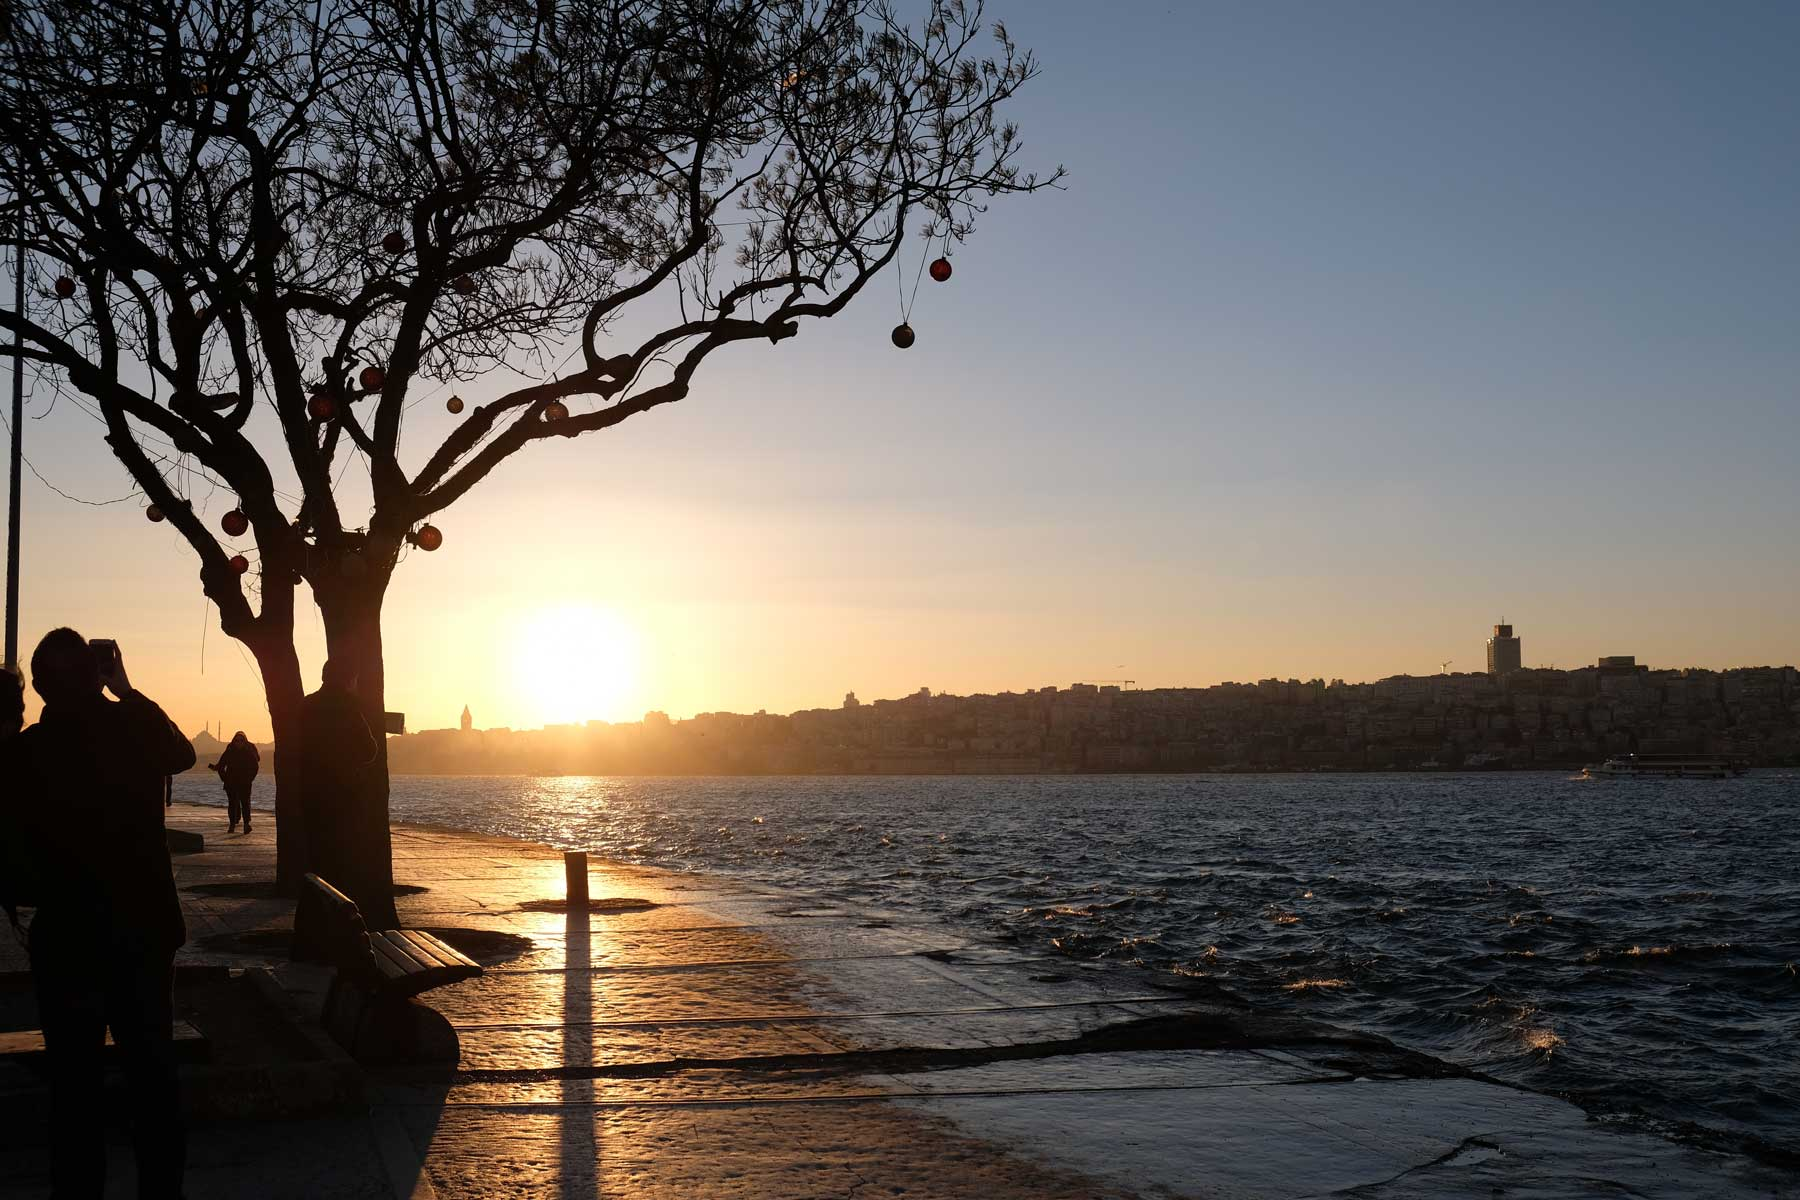 Hach, Sonnenuntergang am Wasser! Das sind Momente, für die wir unterwegs sind!